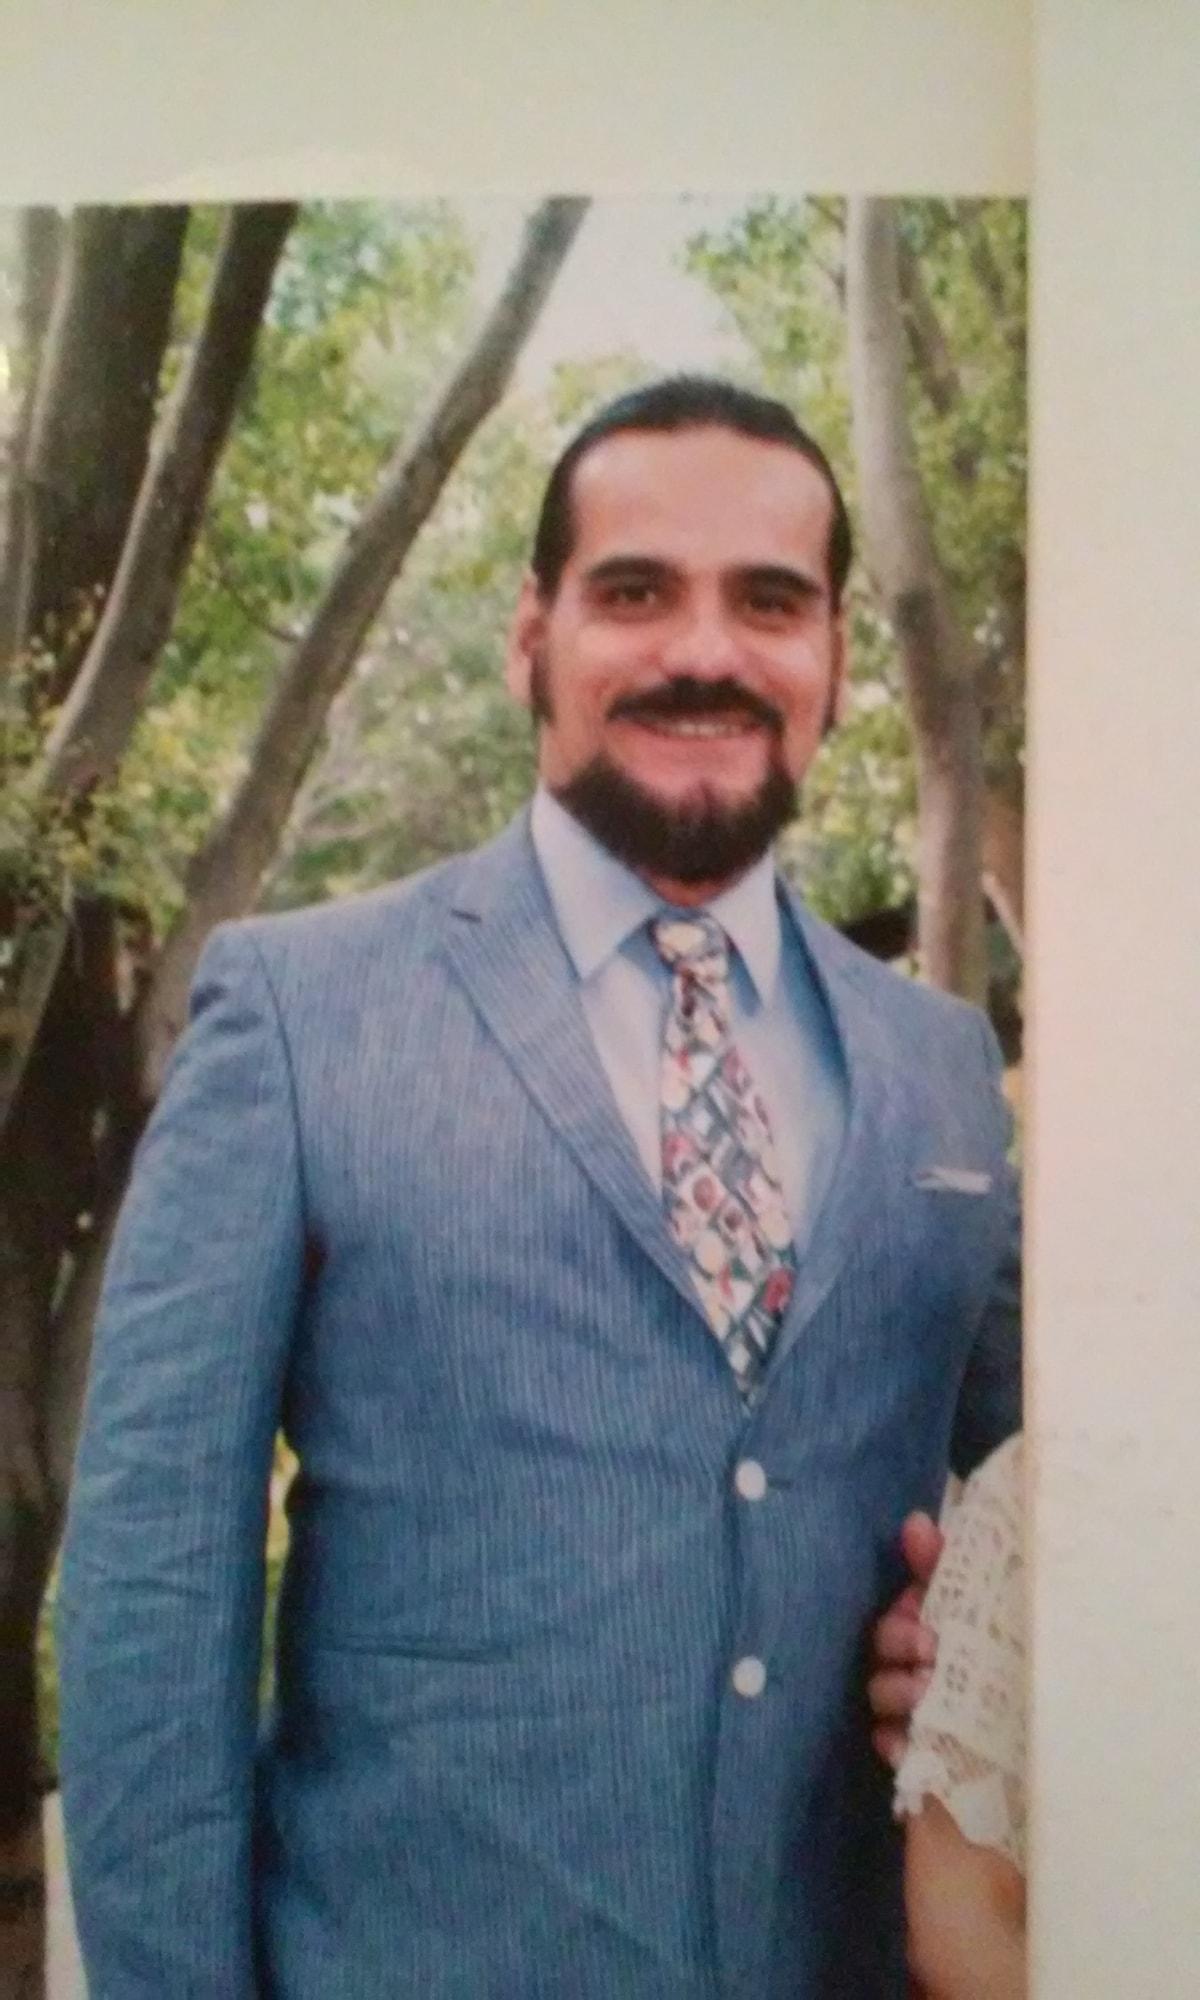 Alfredo from Ciudad de México